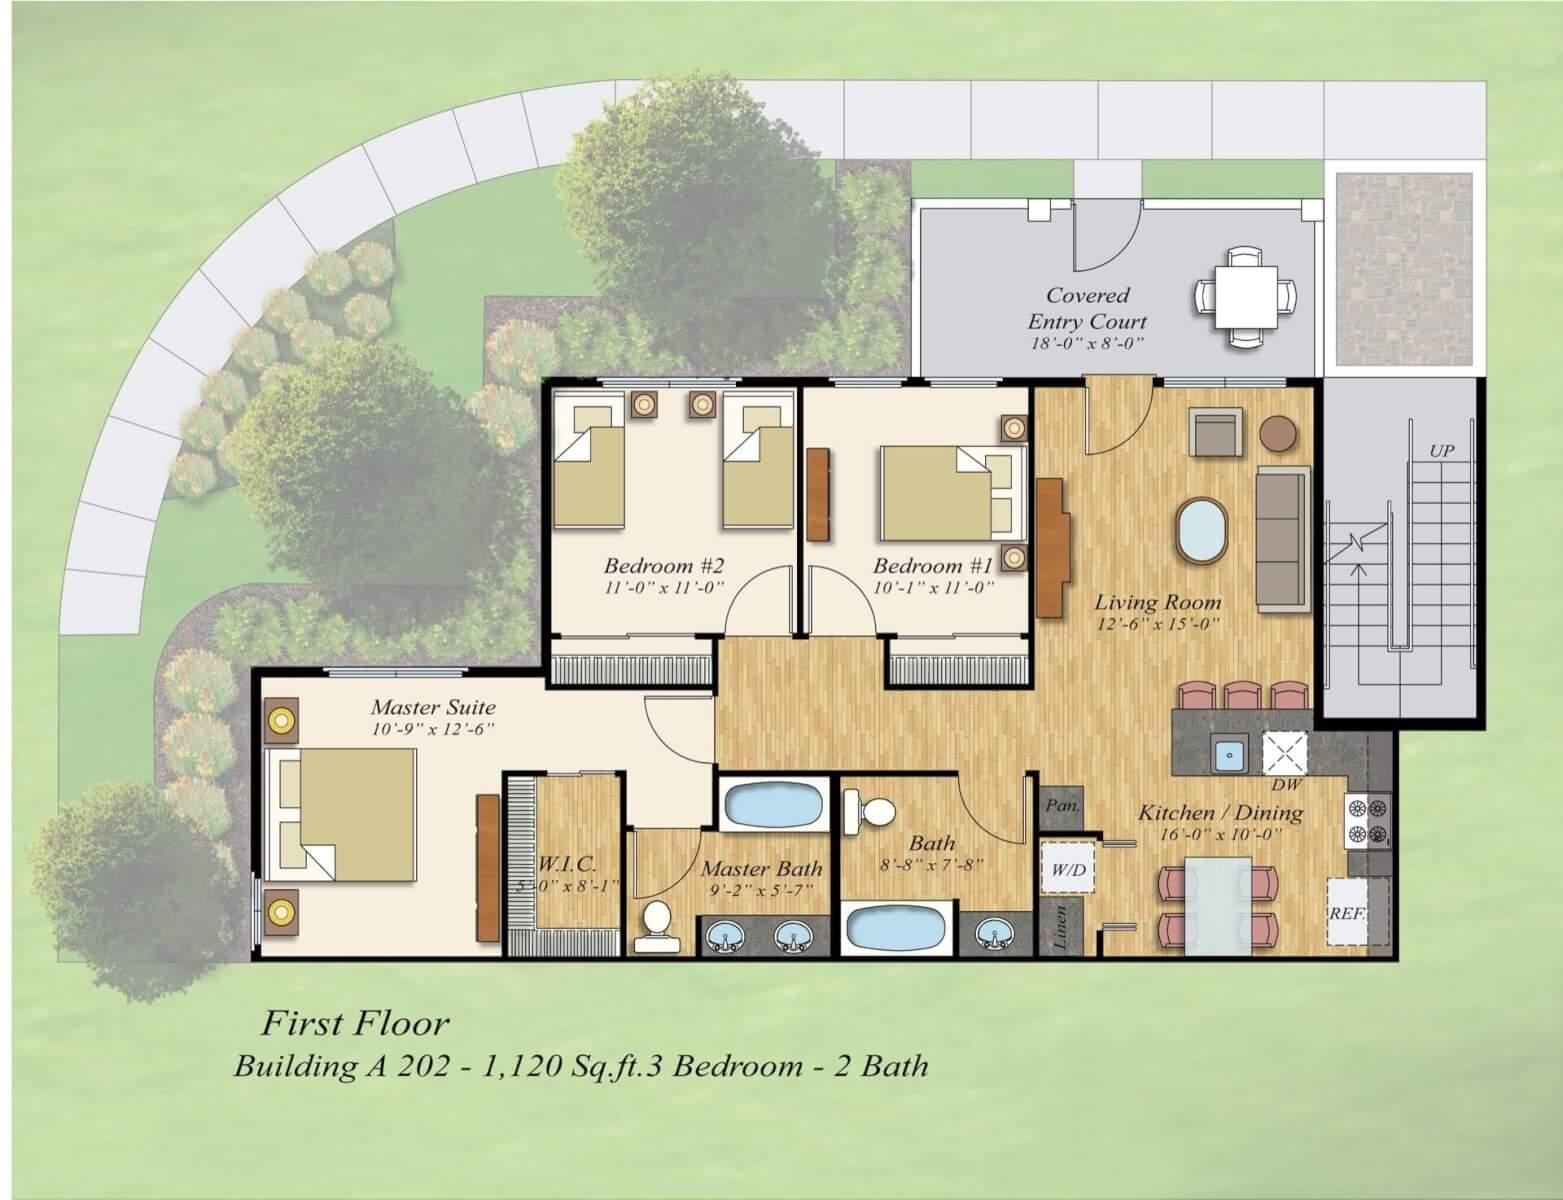 Floor Plans 24x7 Aec